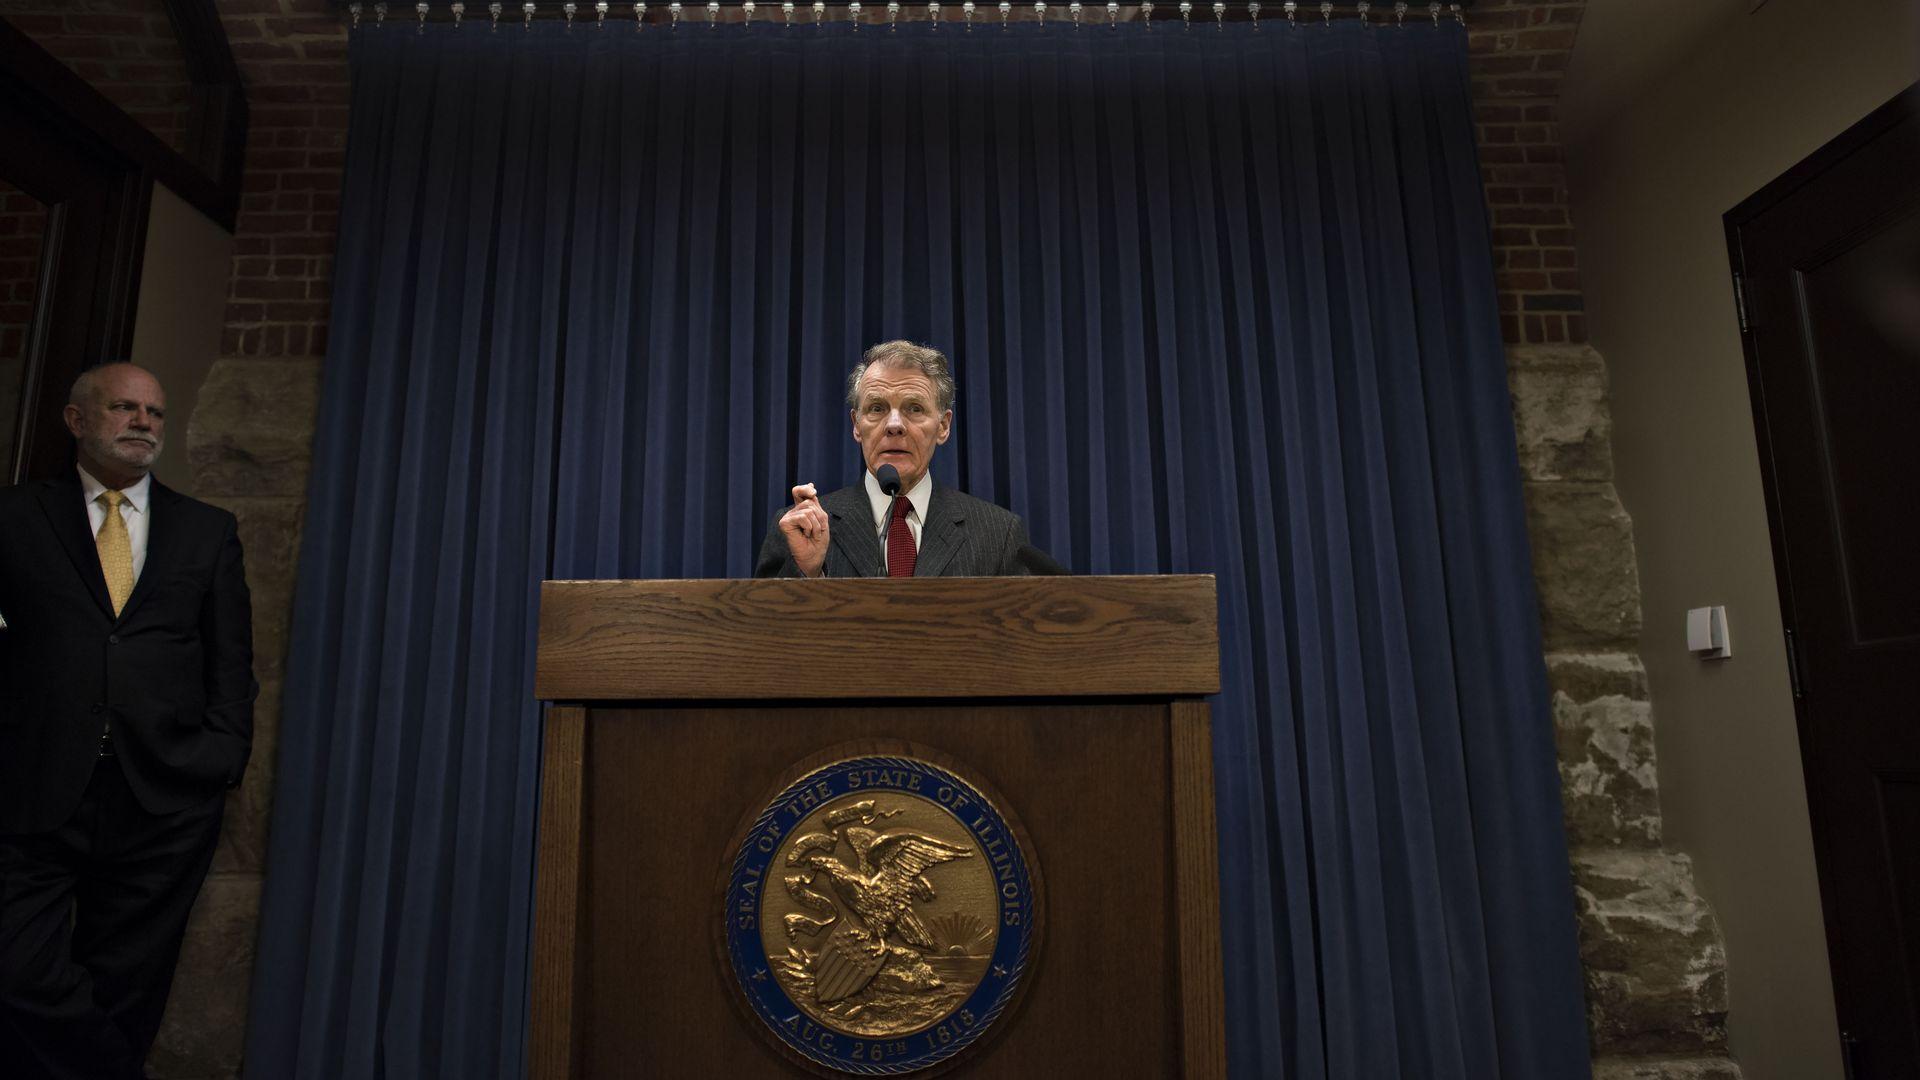 Politician at a podium.